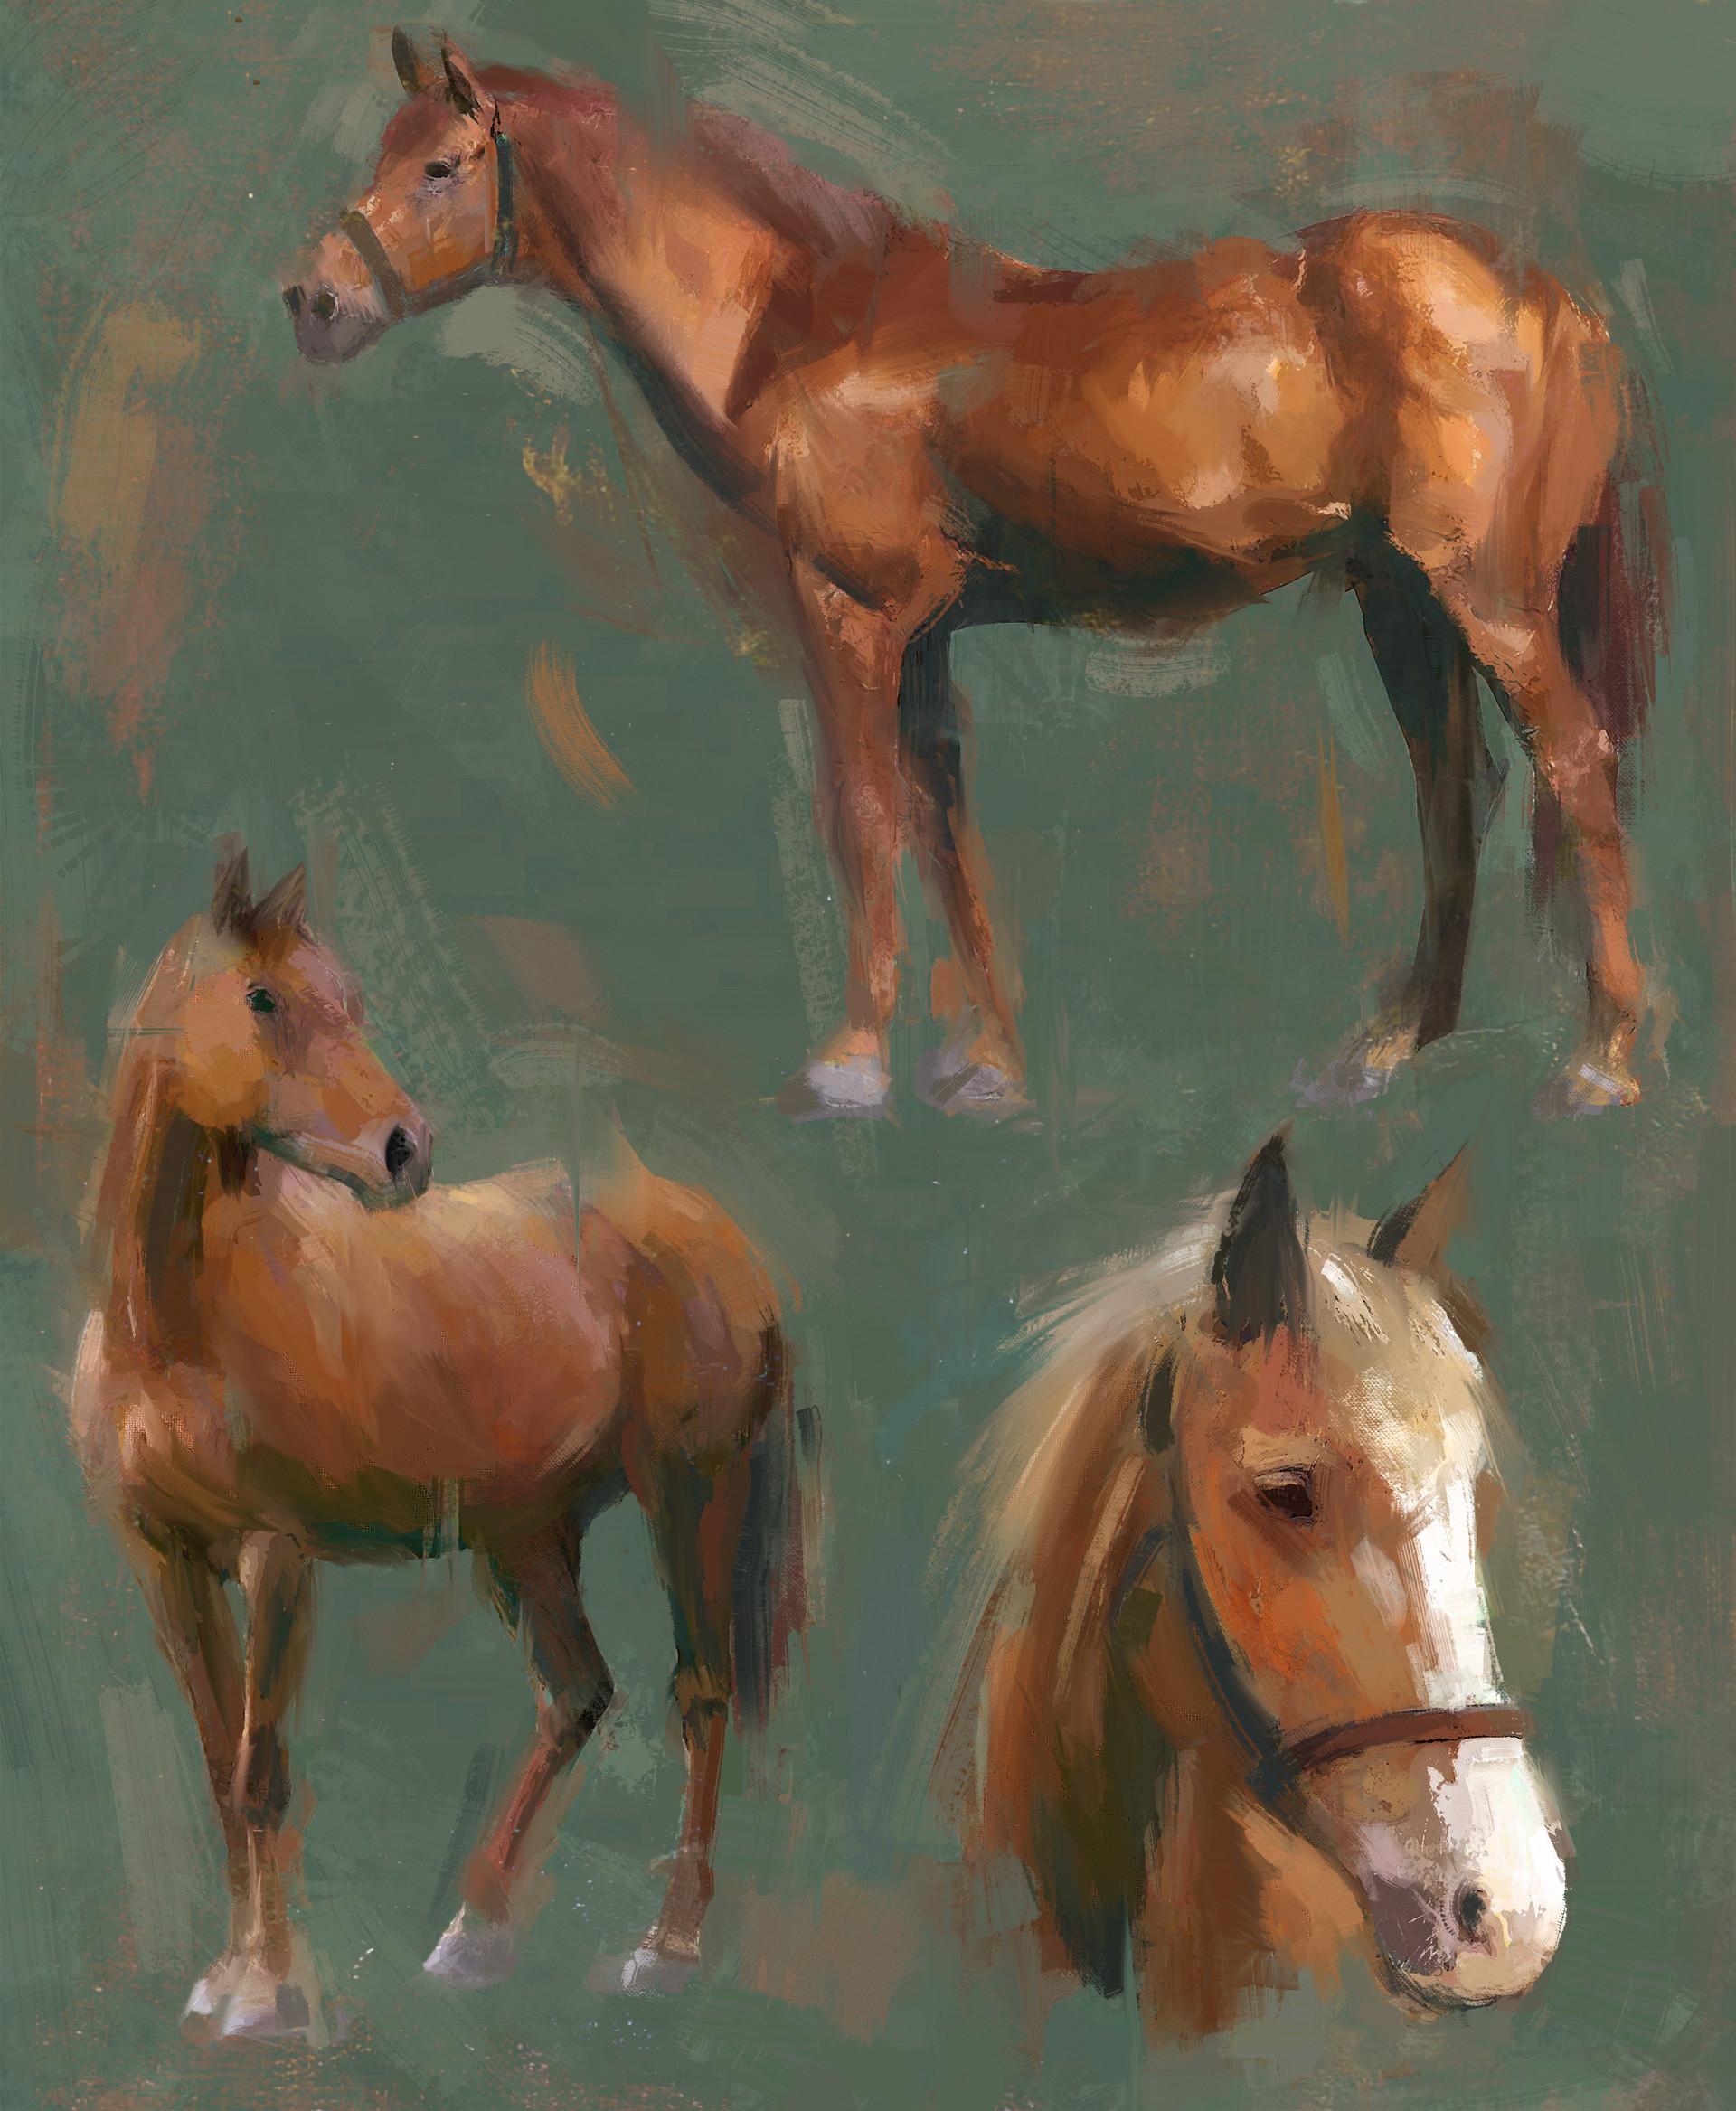 Juan manuel osuna estudios de caballos 4